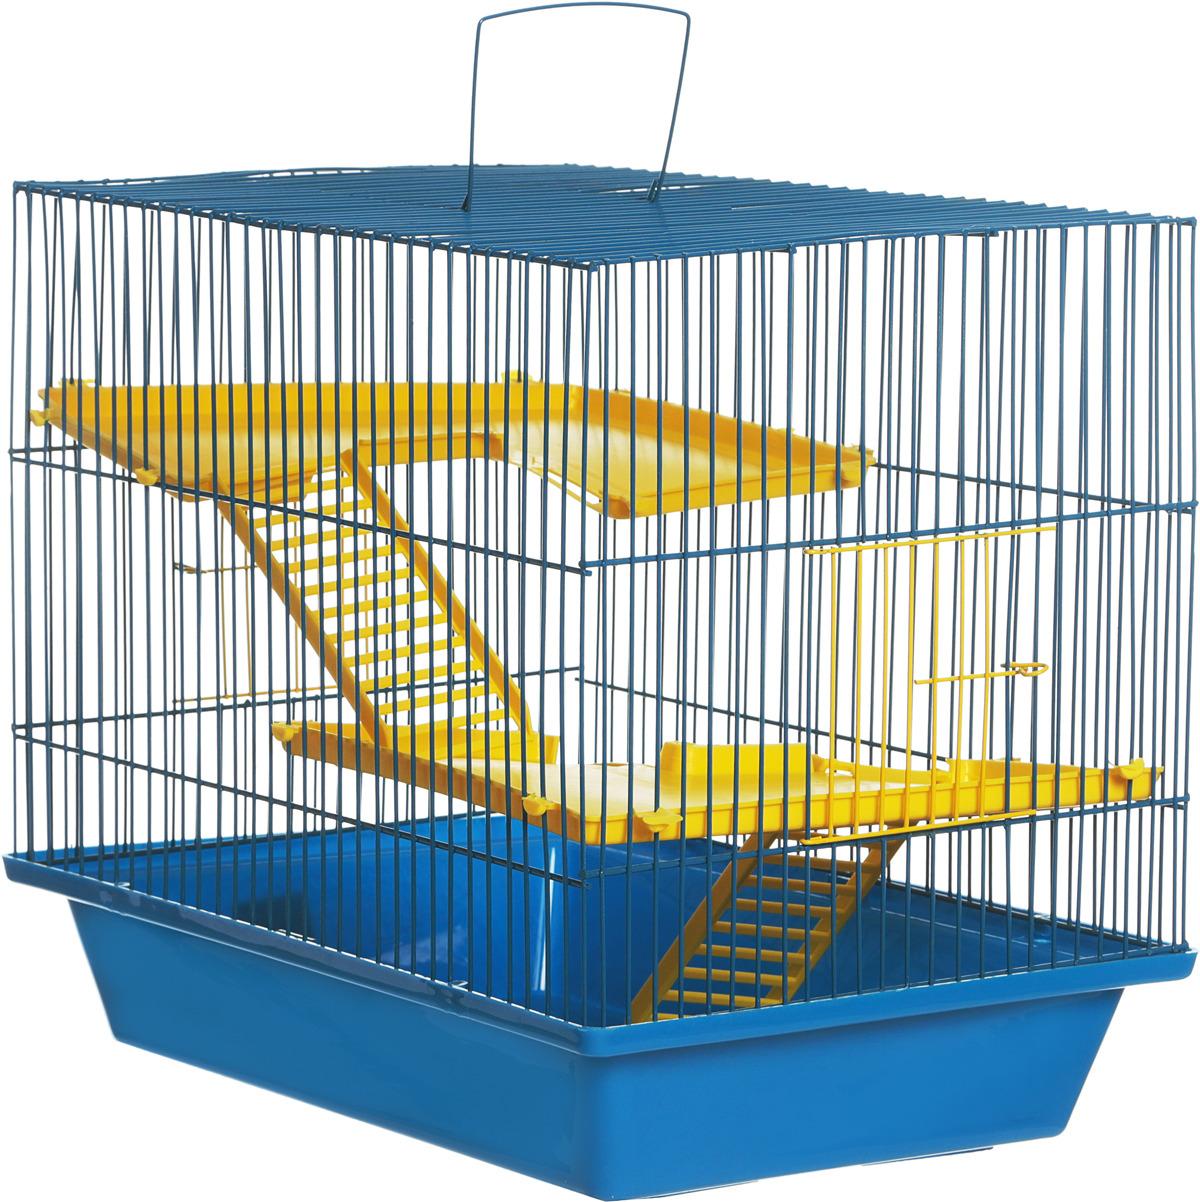 Клетка для грызунов ЗооМарк Гризли, 3-этажная, цвет: синий поддон, синяя решетка, желтые этажи, 41 х 30 х 36 см клетка для шиншилл и хорьков зоомарк цвет синий поддон синяя решетка 59 х 41 х 79 см 725дк